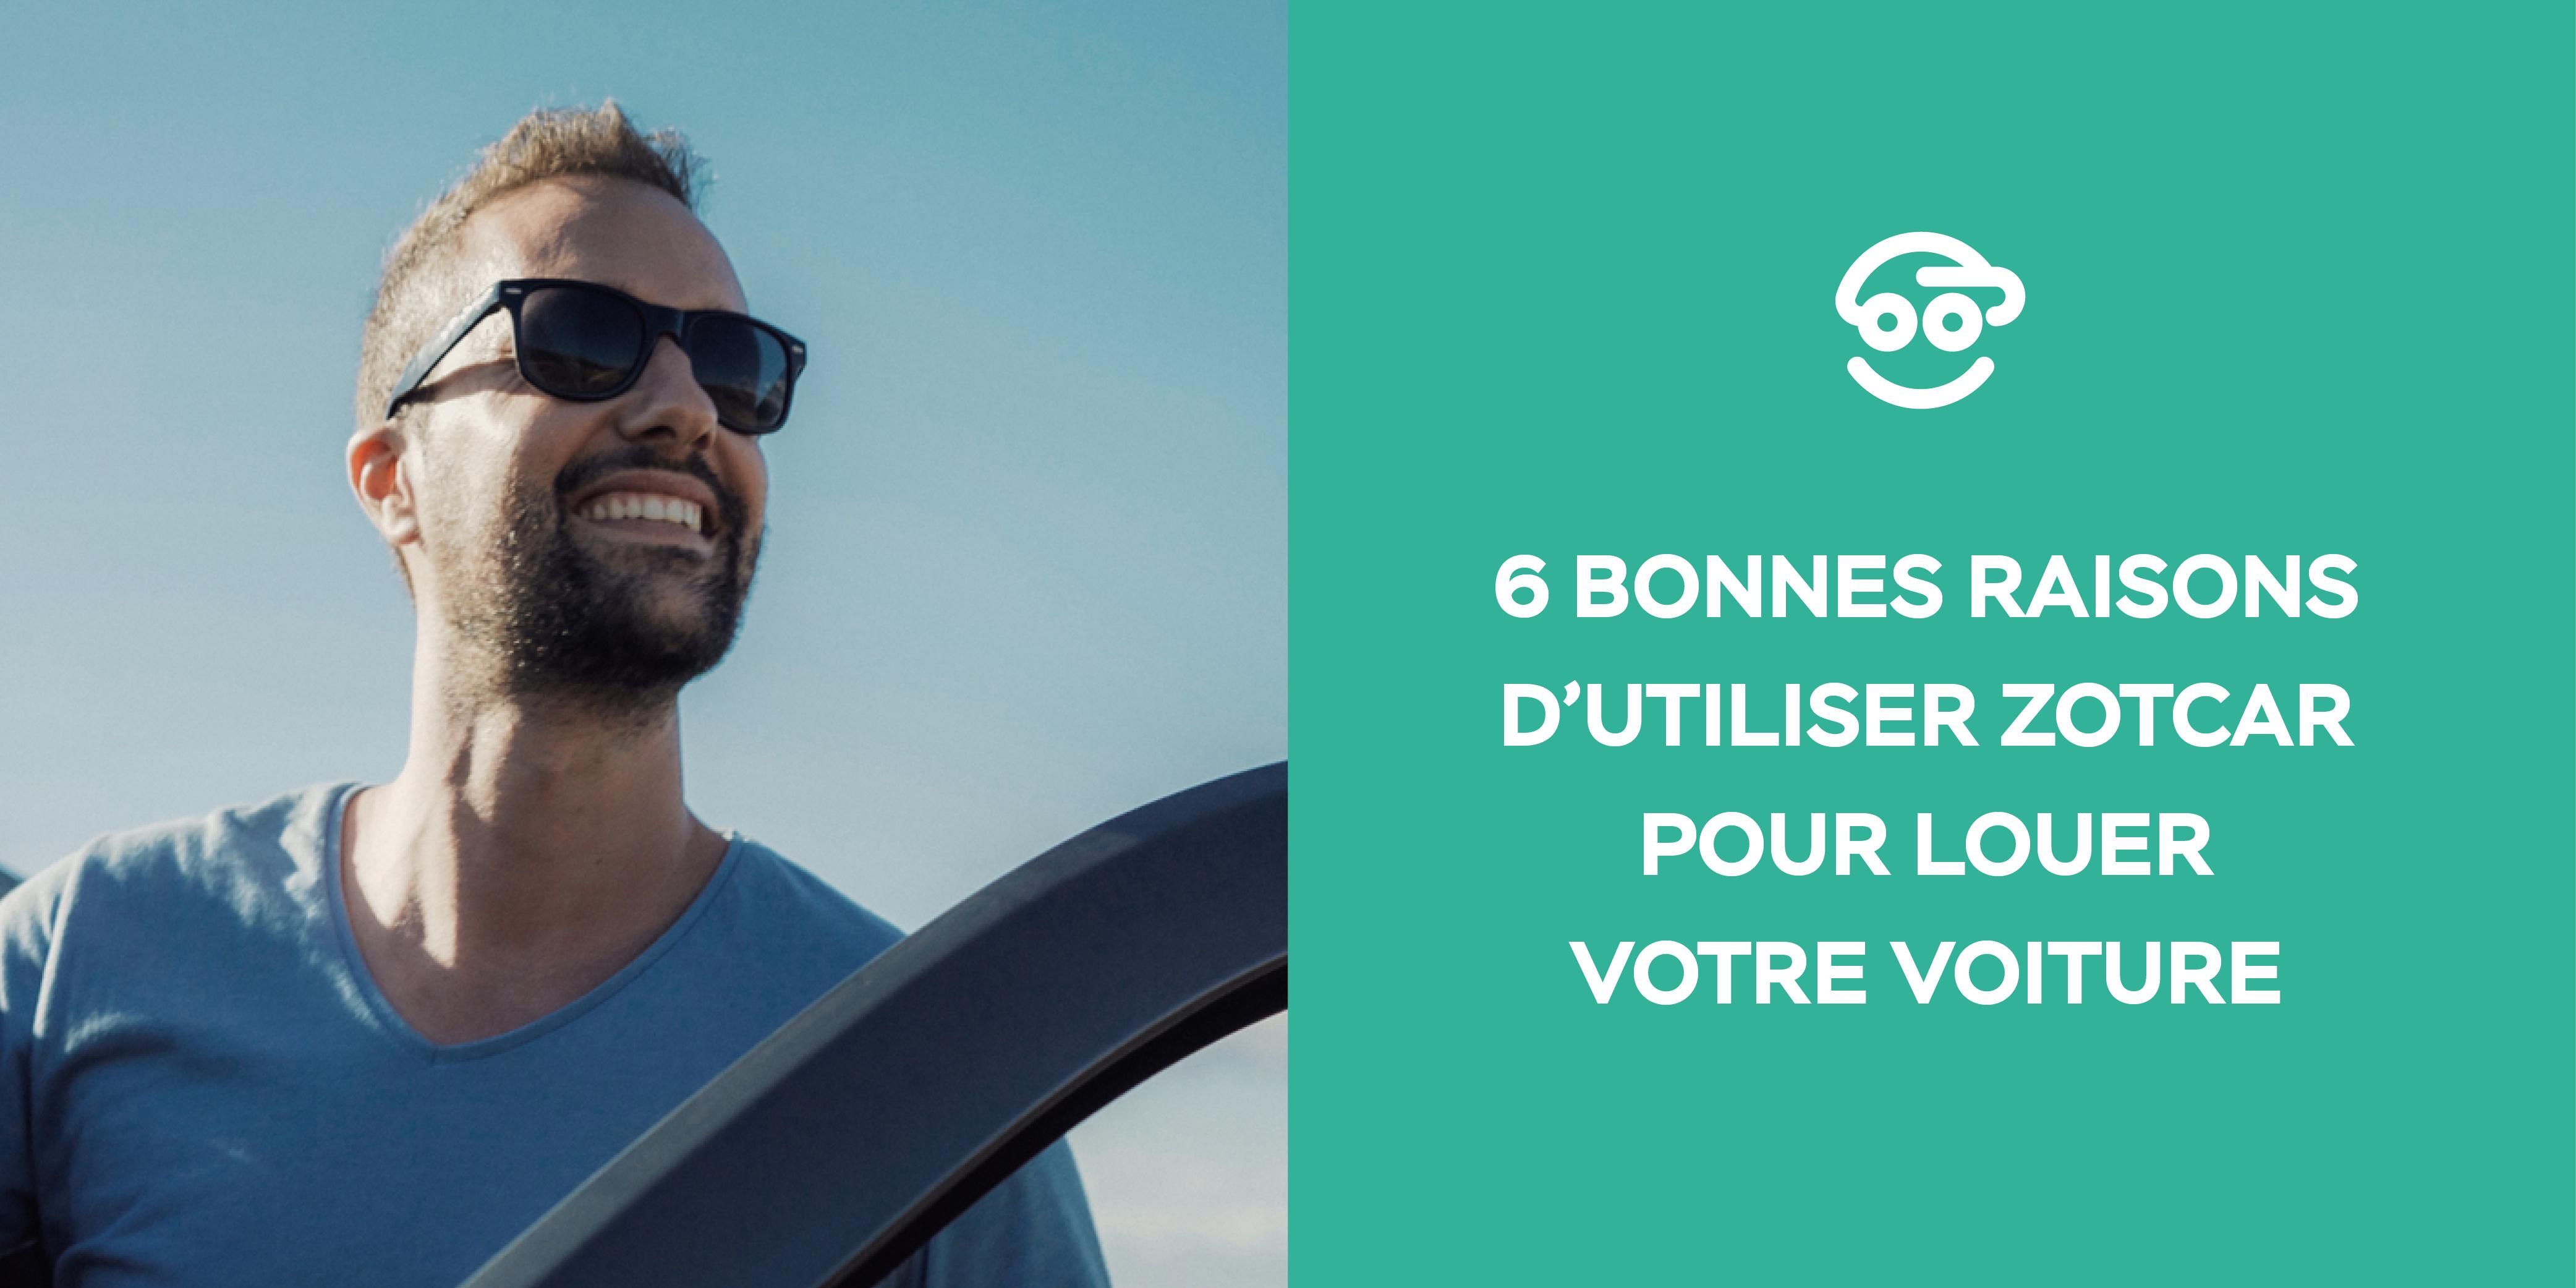 6 BONNES RAISONS D'UTILISER ZOTCAR POUR LOUER SA VOITURE